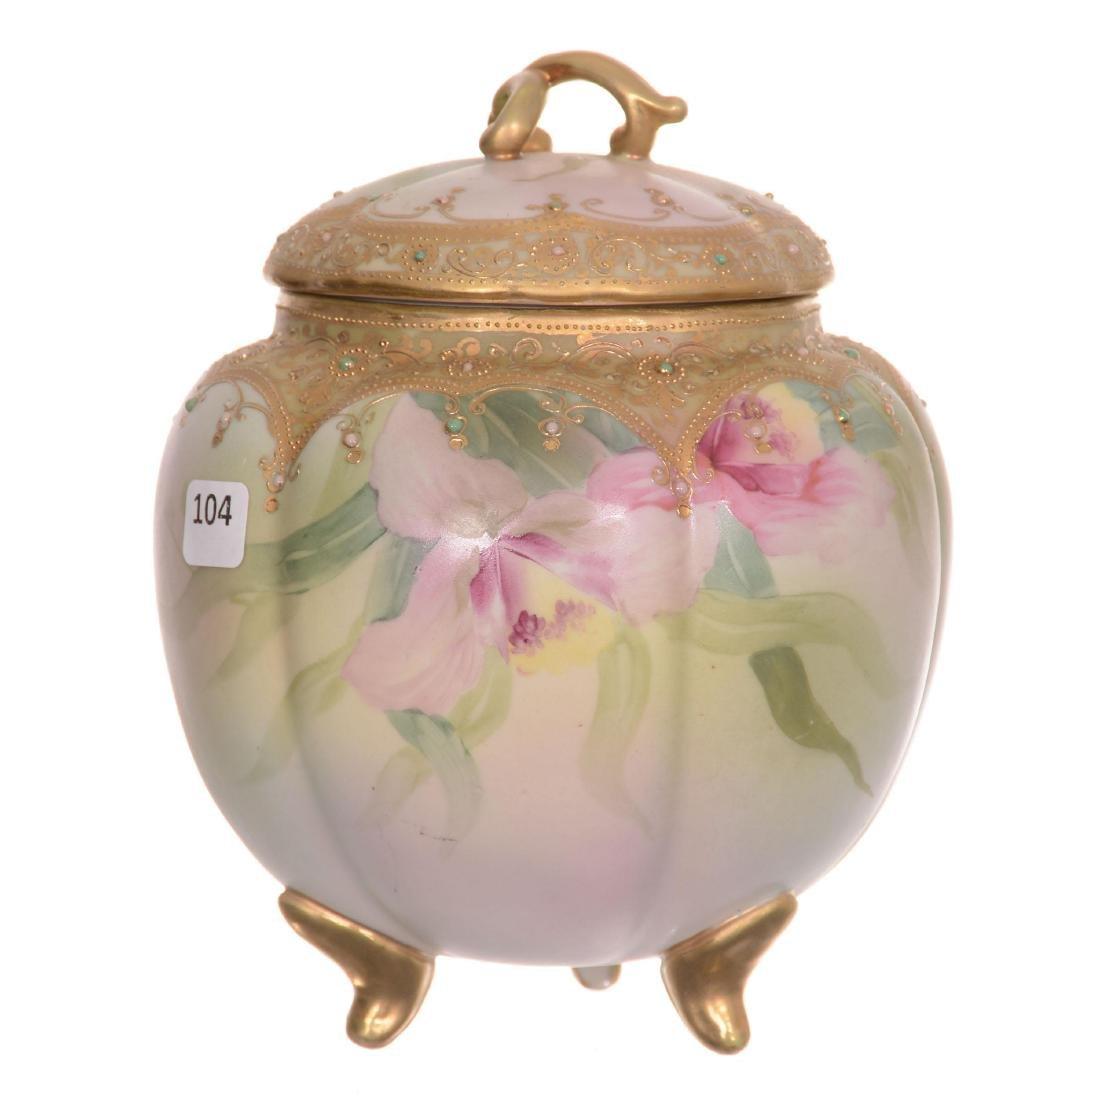 Nippon Three-Footed Biscuit Jar